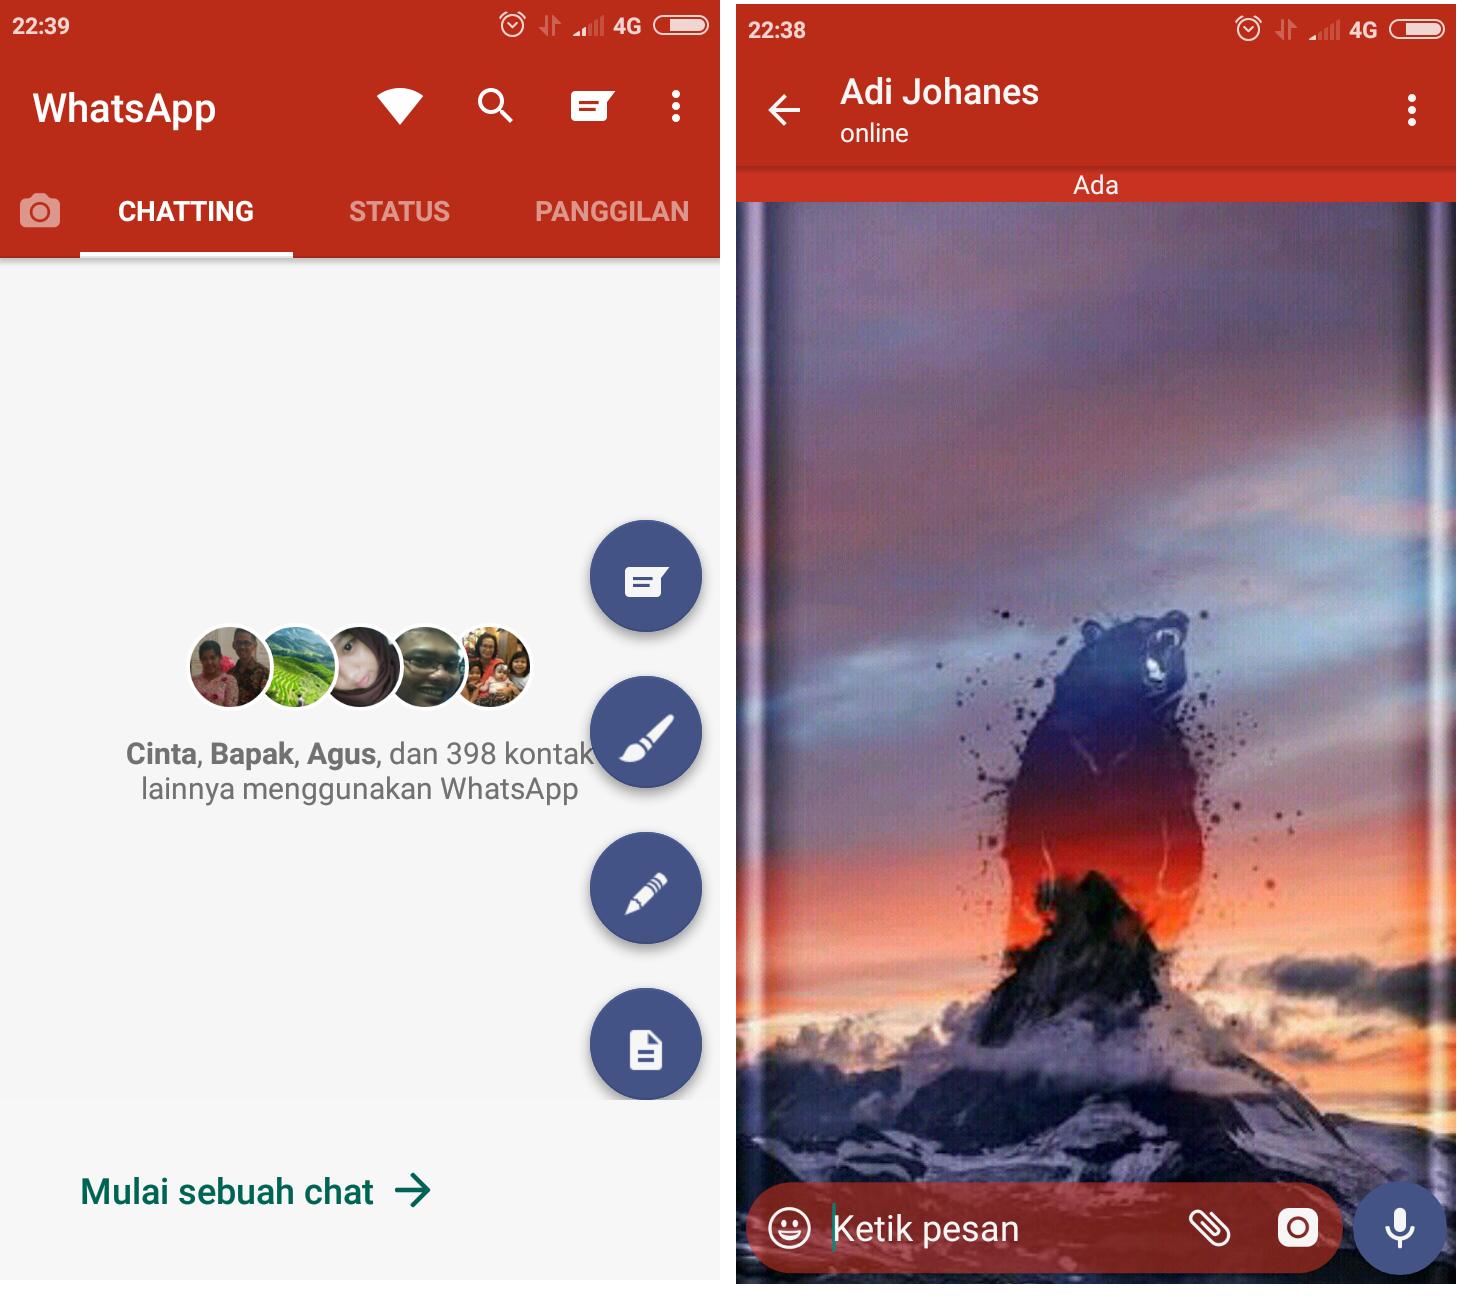 Cara Mudah Mengganti / Mengubah Tema Whatsapp menjadi ...